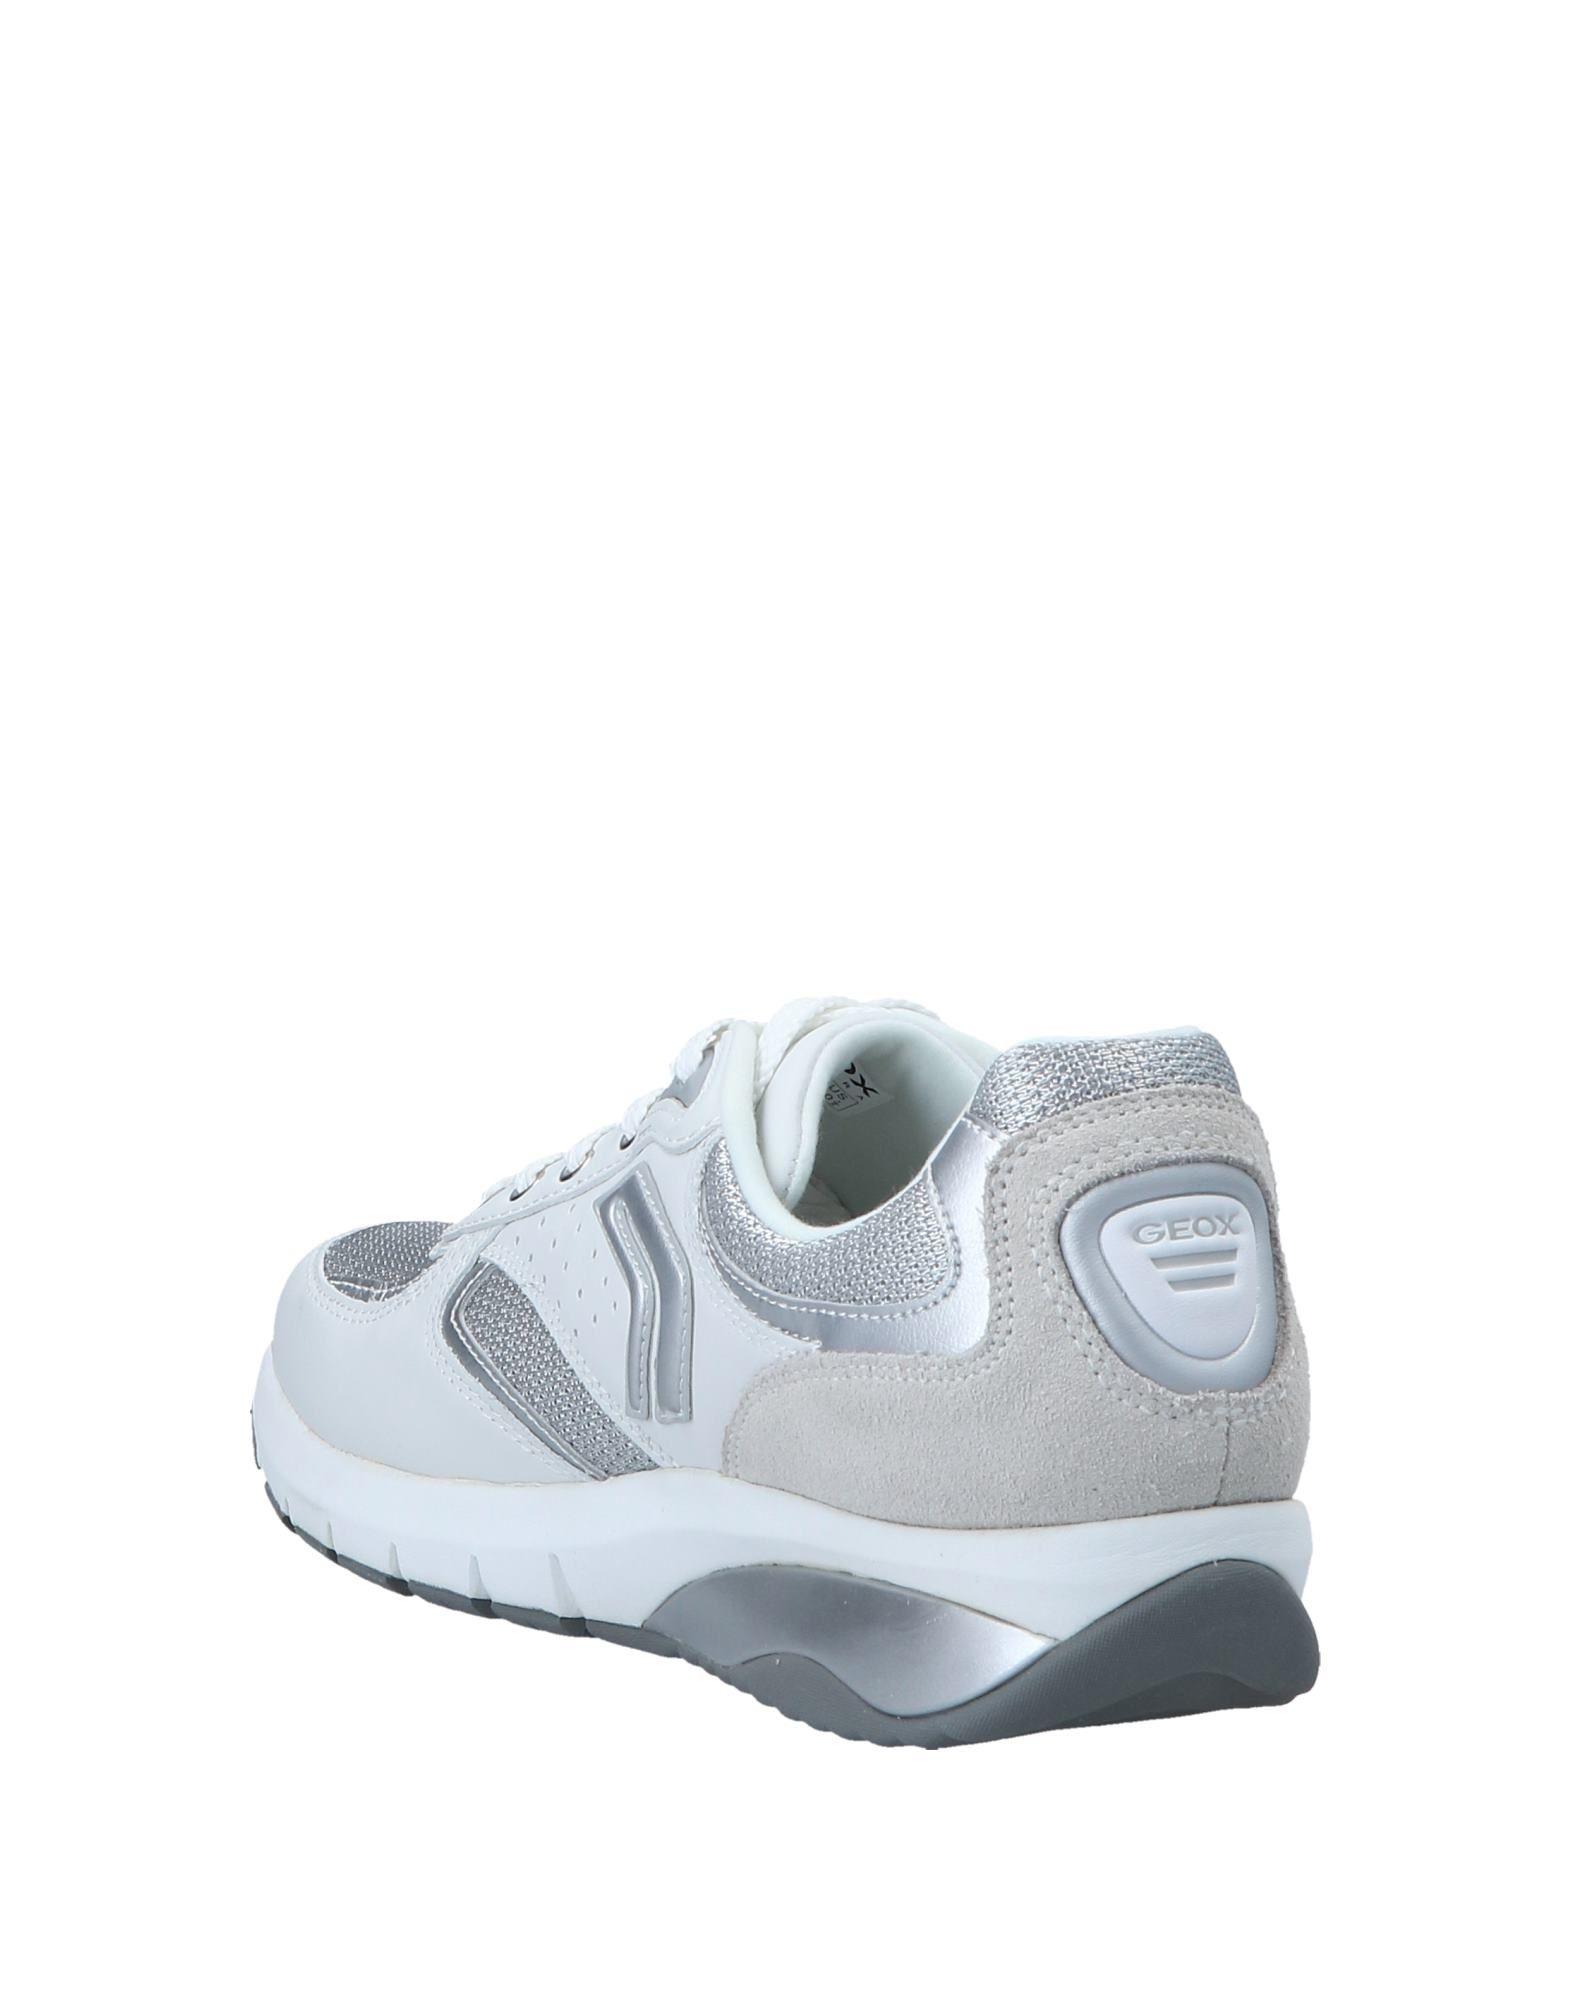 Geox Sneakers - - - Women Geox Sneakers online on  United Kingdom - 11554183IX d57d90